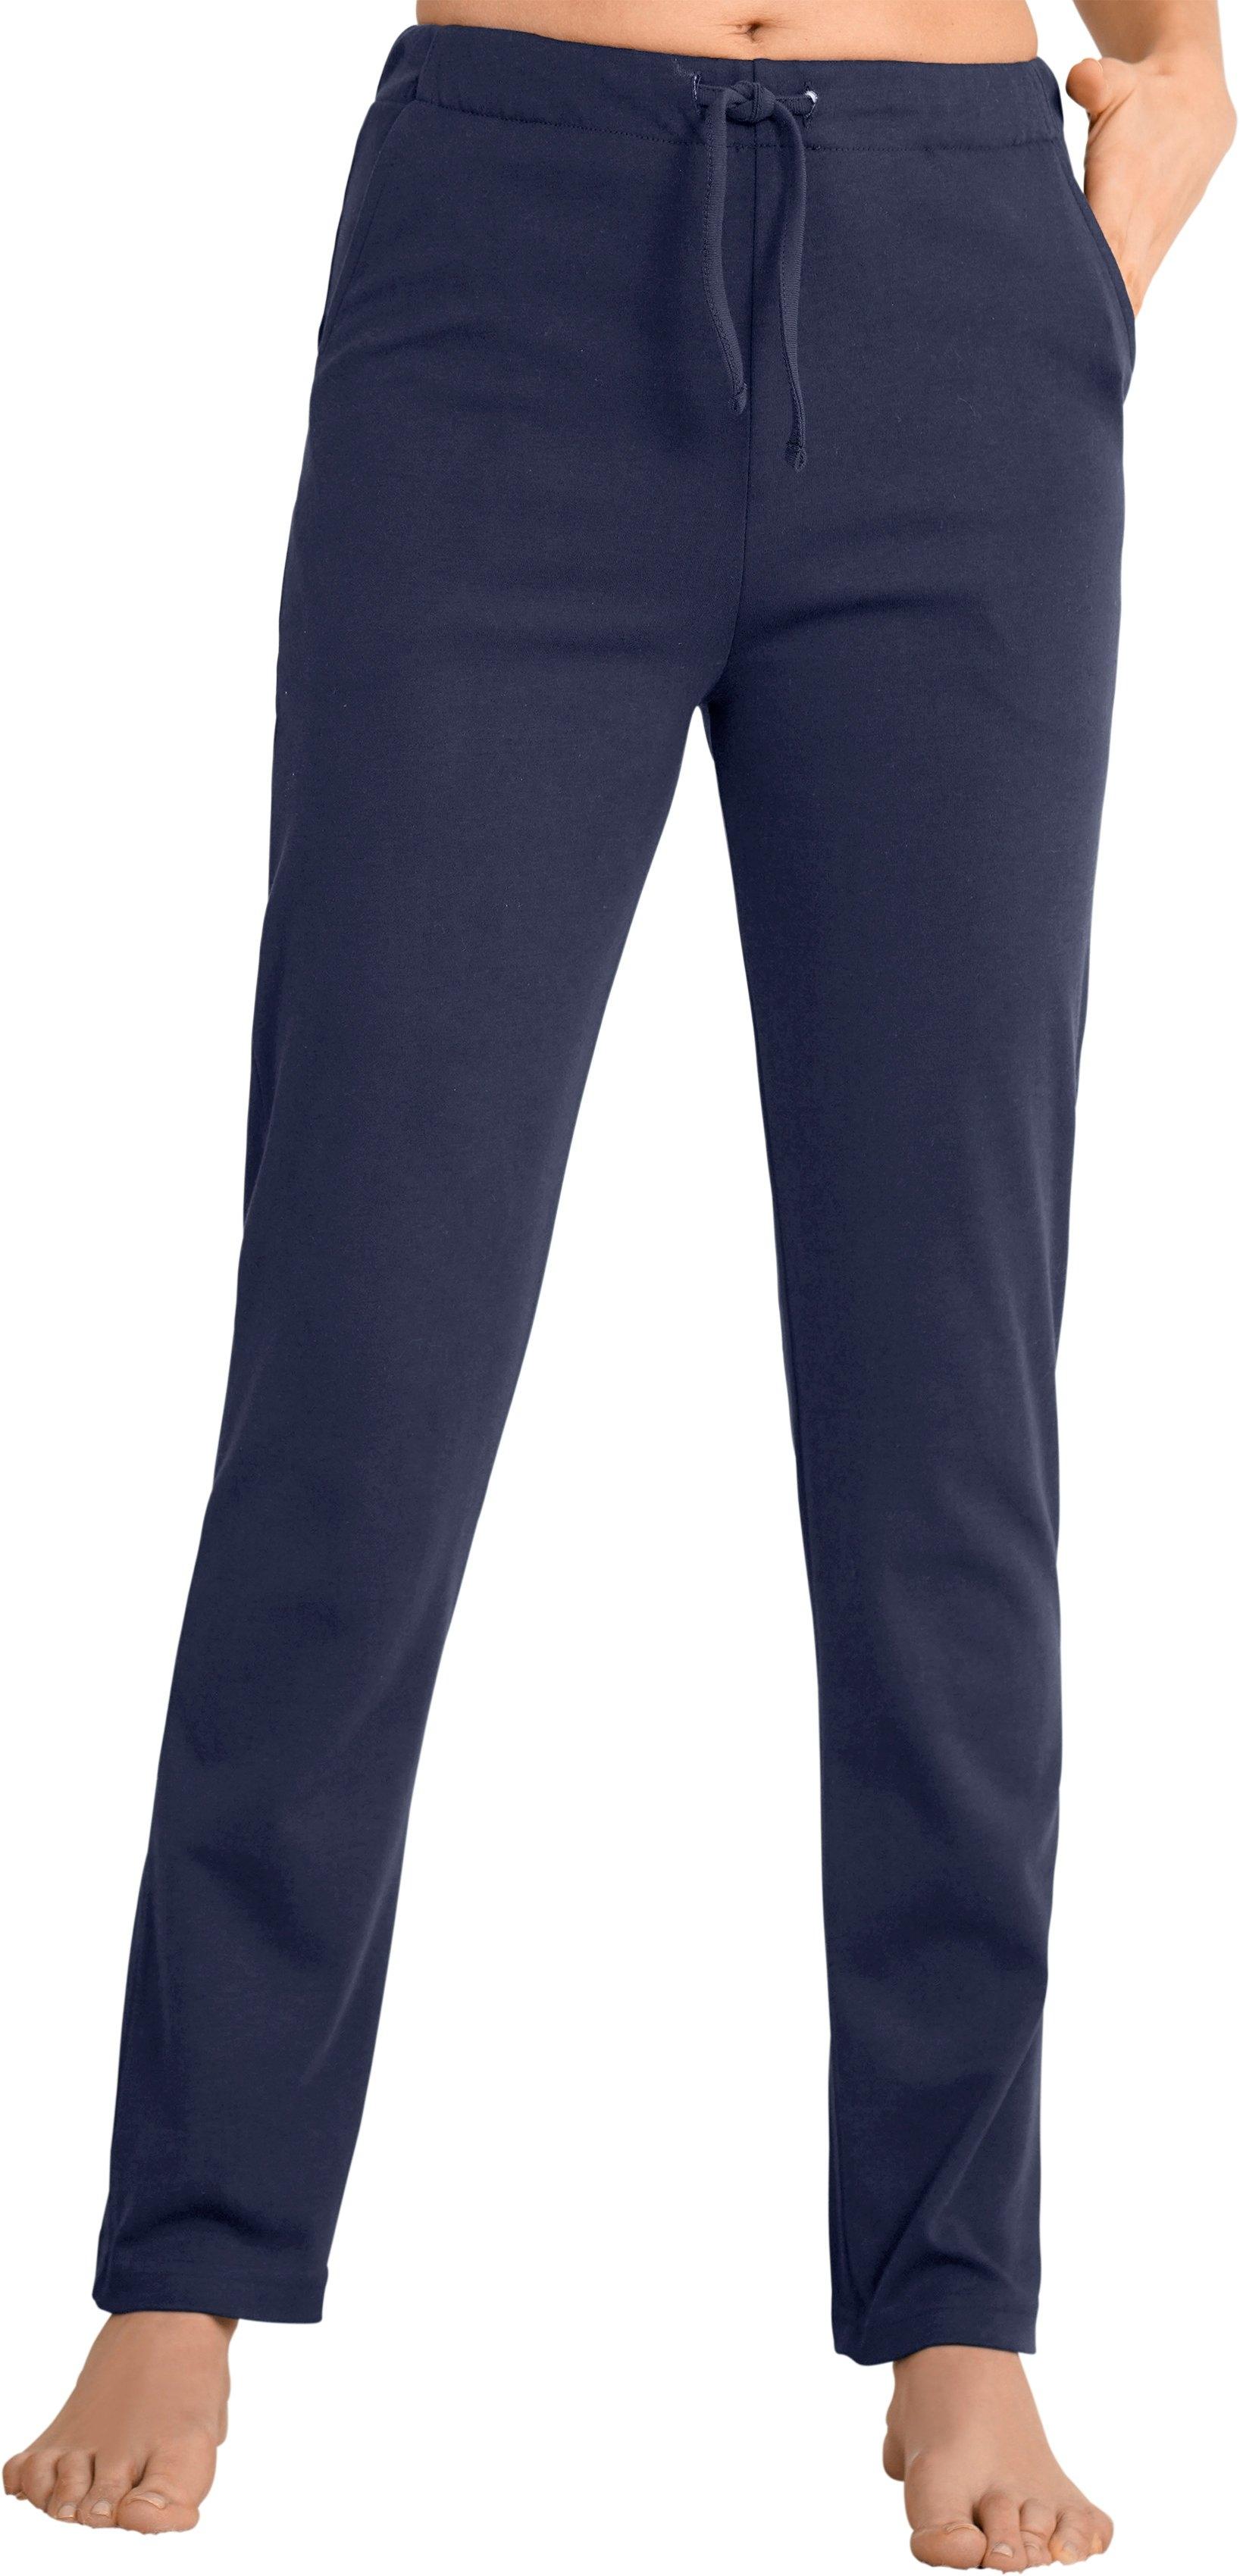 Plantier broek met comfortabele, elastische band goedkoop op otto.nl kopen